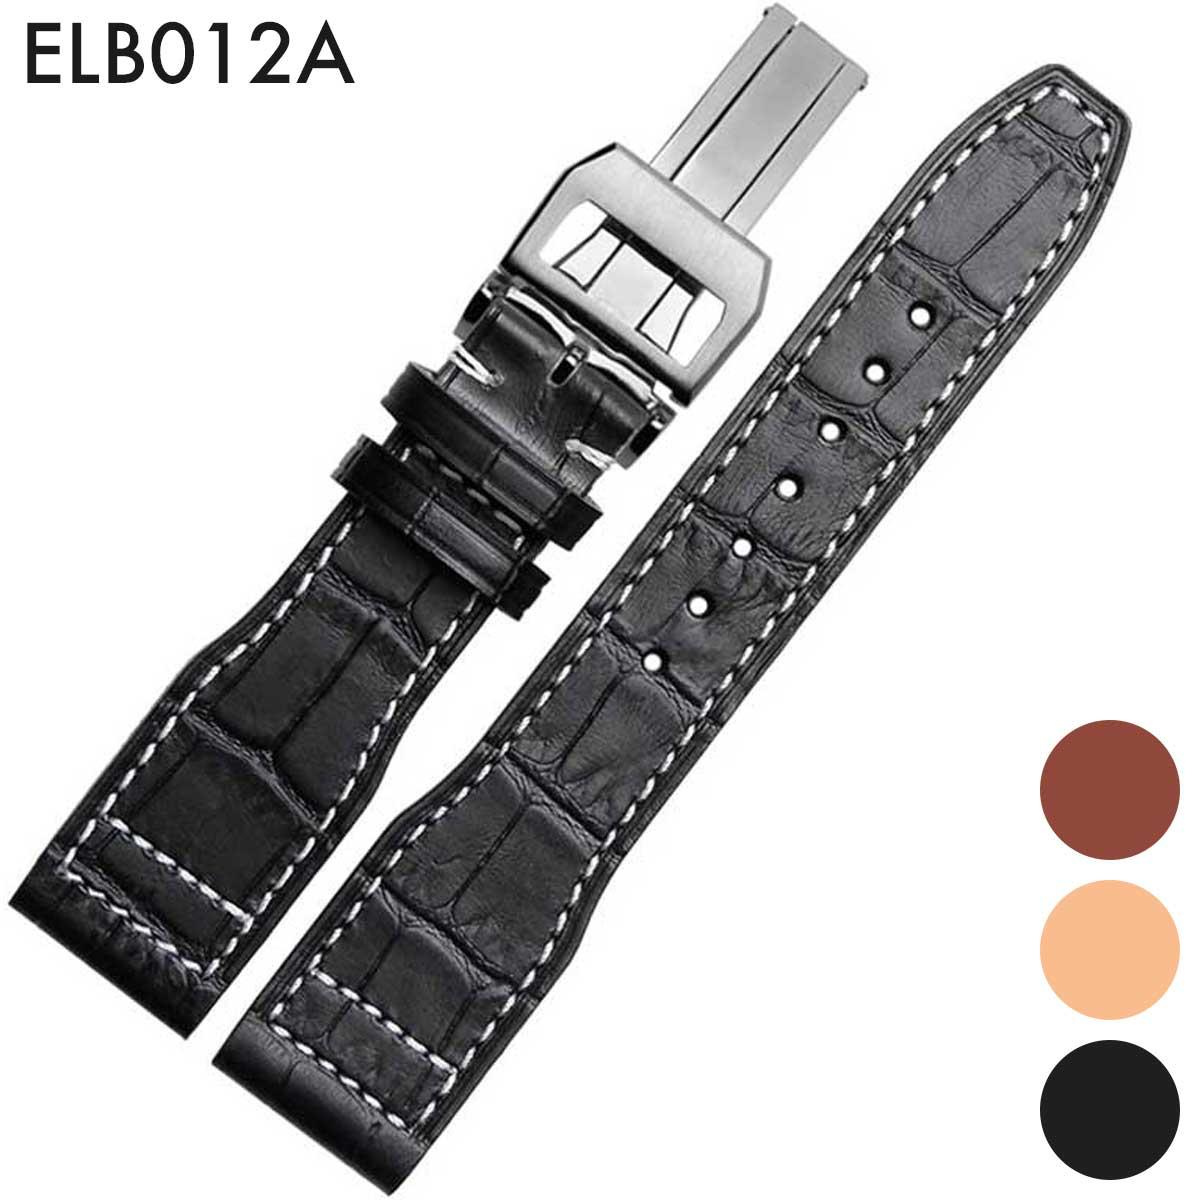 腕時計ベルト 腕時計バンド 替えストラップ 社外品 汎用レザーベルト 革ベルト 取付幅22mm 適用: IWC インターナショナル・ウォッチ・カンパニー [Maek XV II パイロット ポルトギーゼ] (尾錠)Dバックル付き [ Eight - ELB012A ]